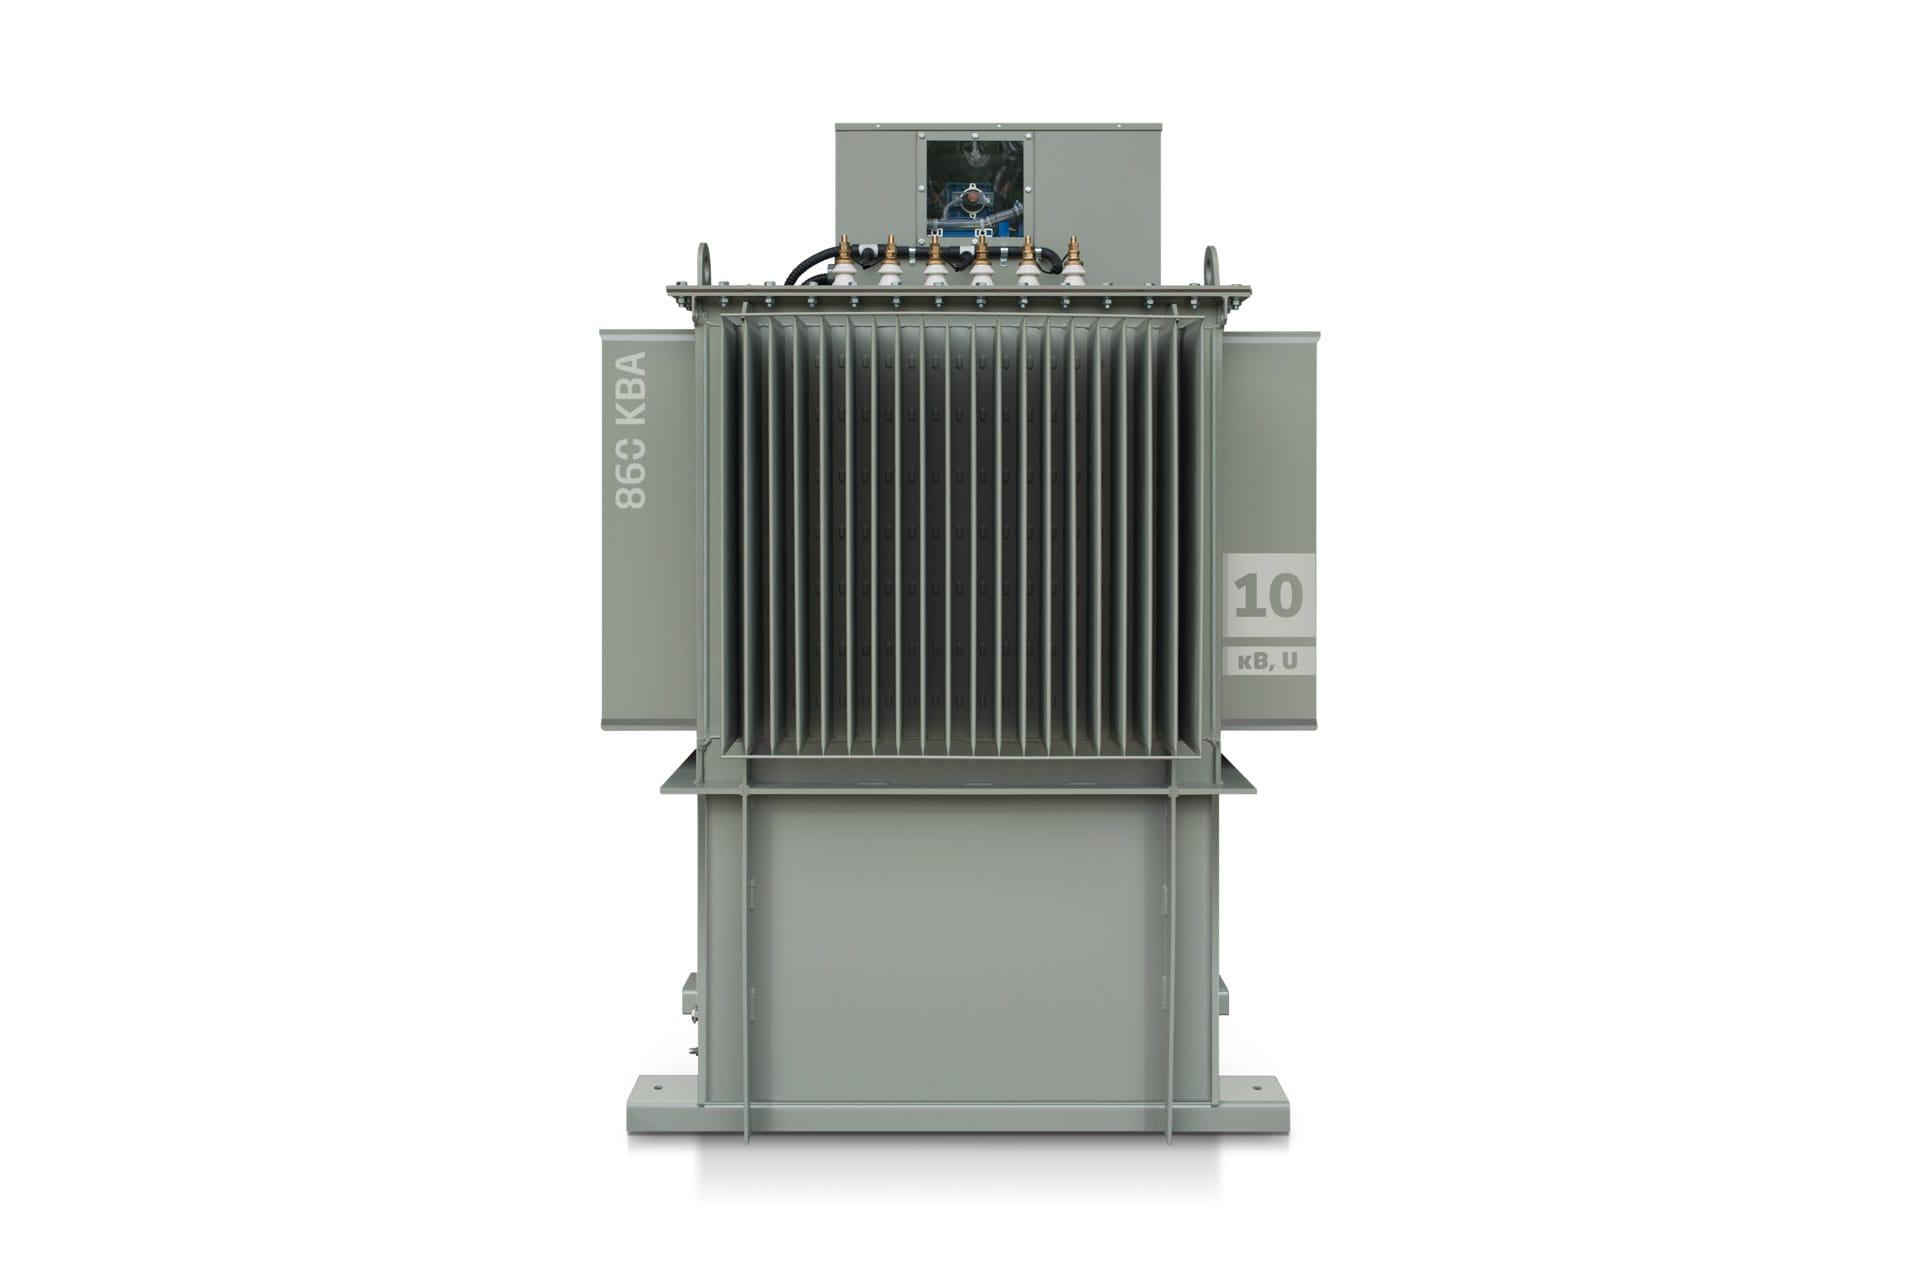 Ensons - Общий вид дугогасящего реактора РЗДПОМ 10 кВ